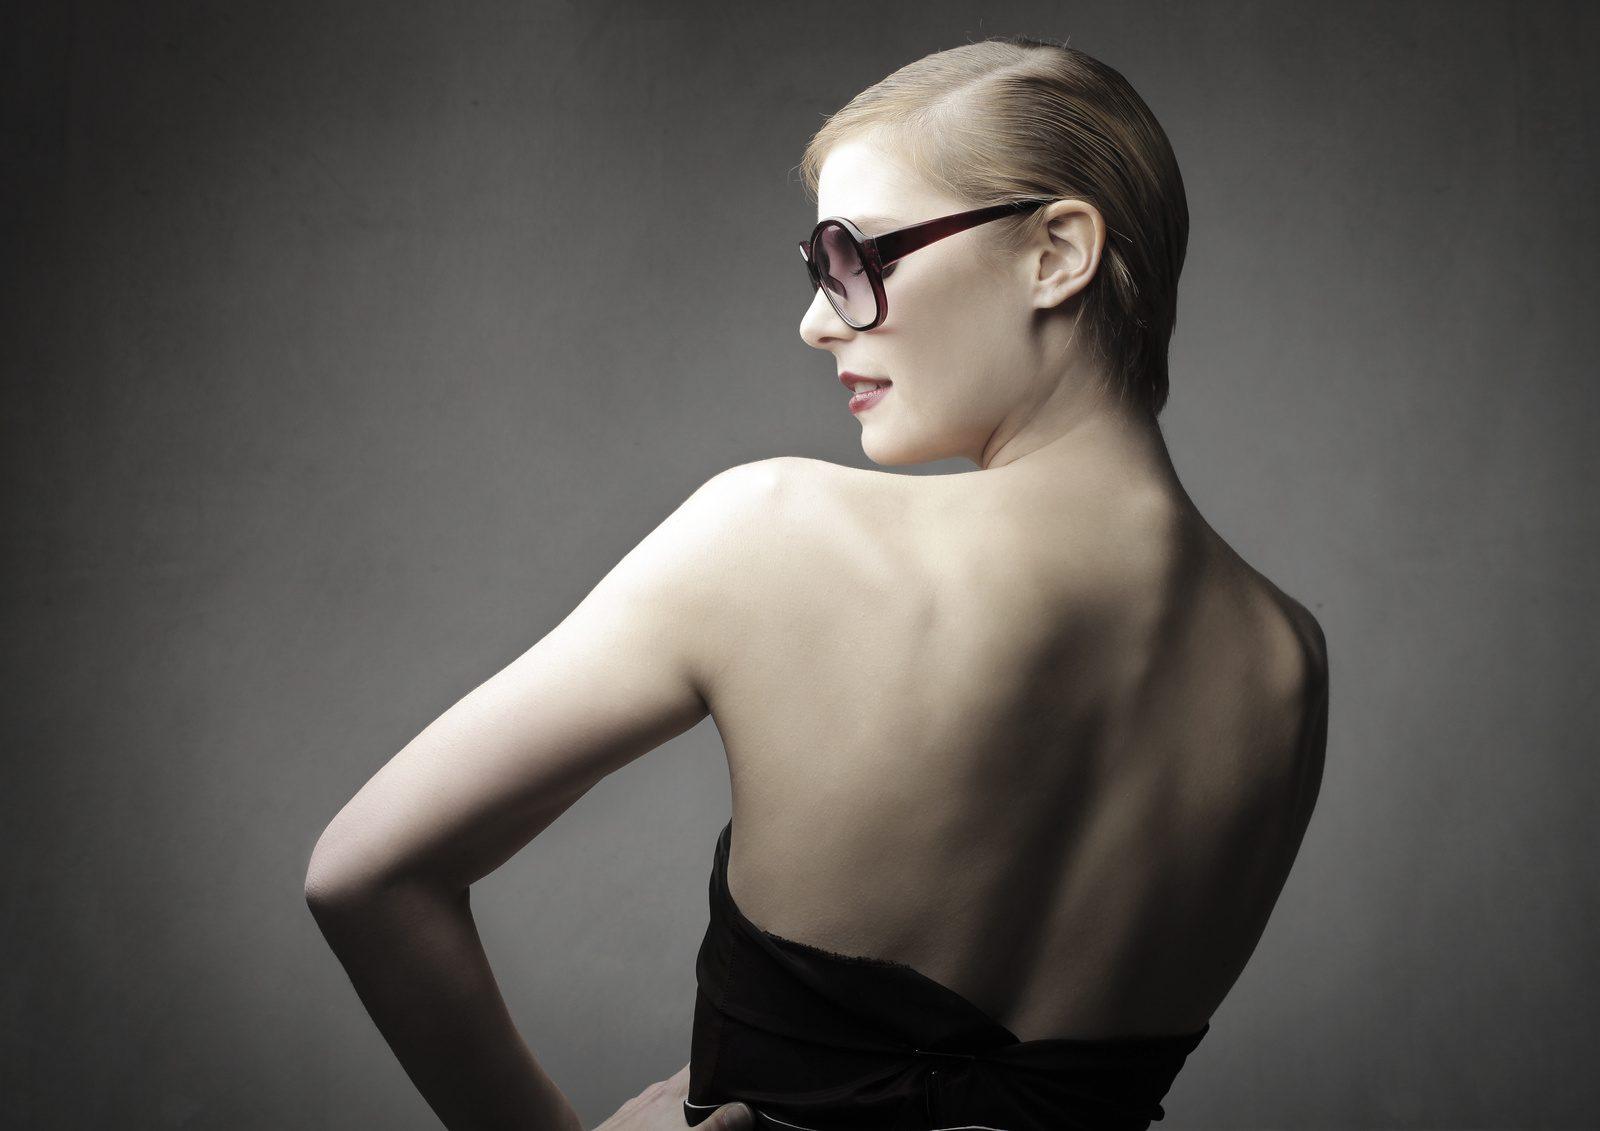 女は肩甲骨から老ける?○○を意識するだけで5歳若くみえる!